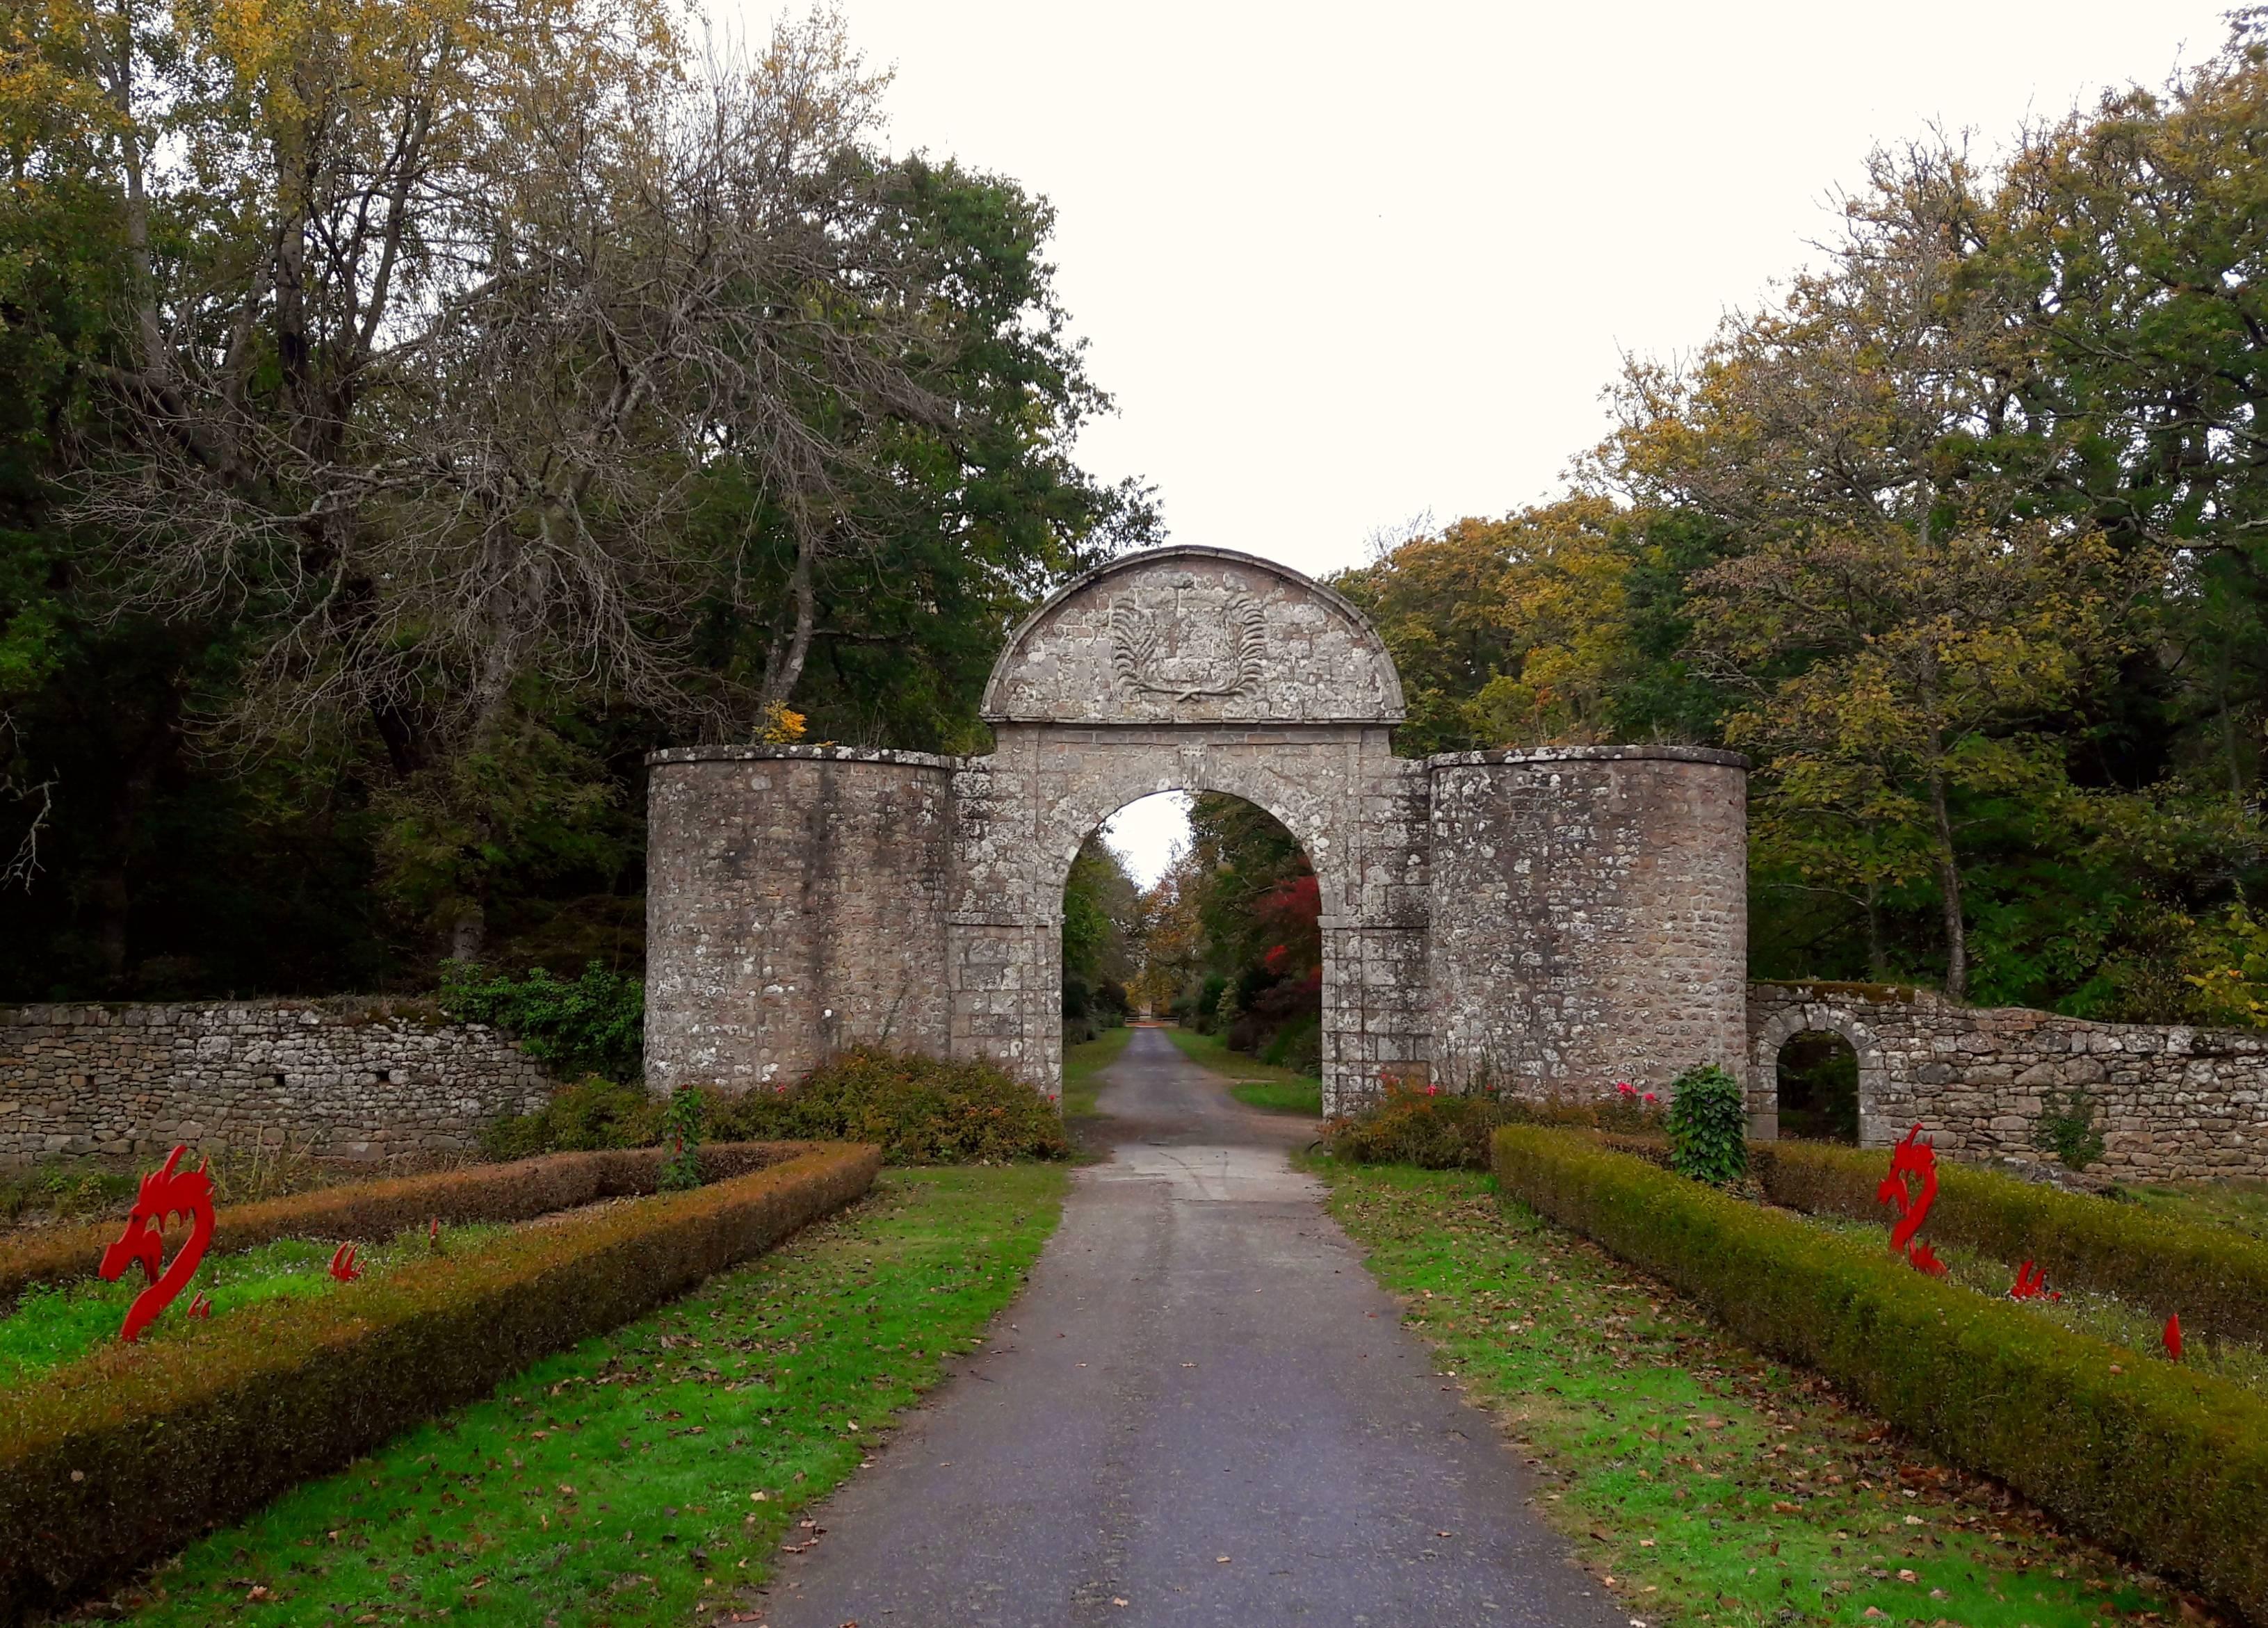 Photo 2: Balade au parc de Keravéon, Erdeven